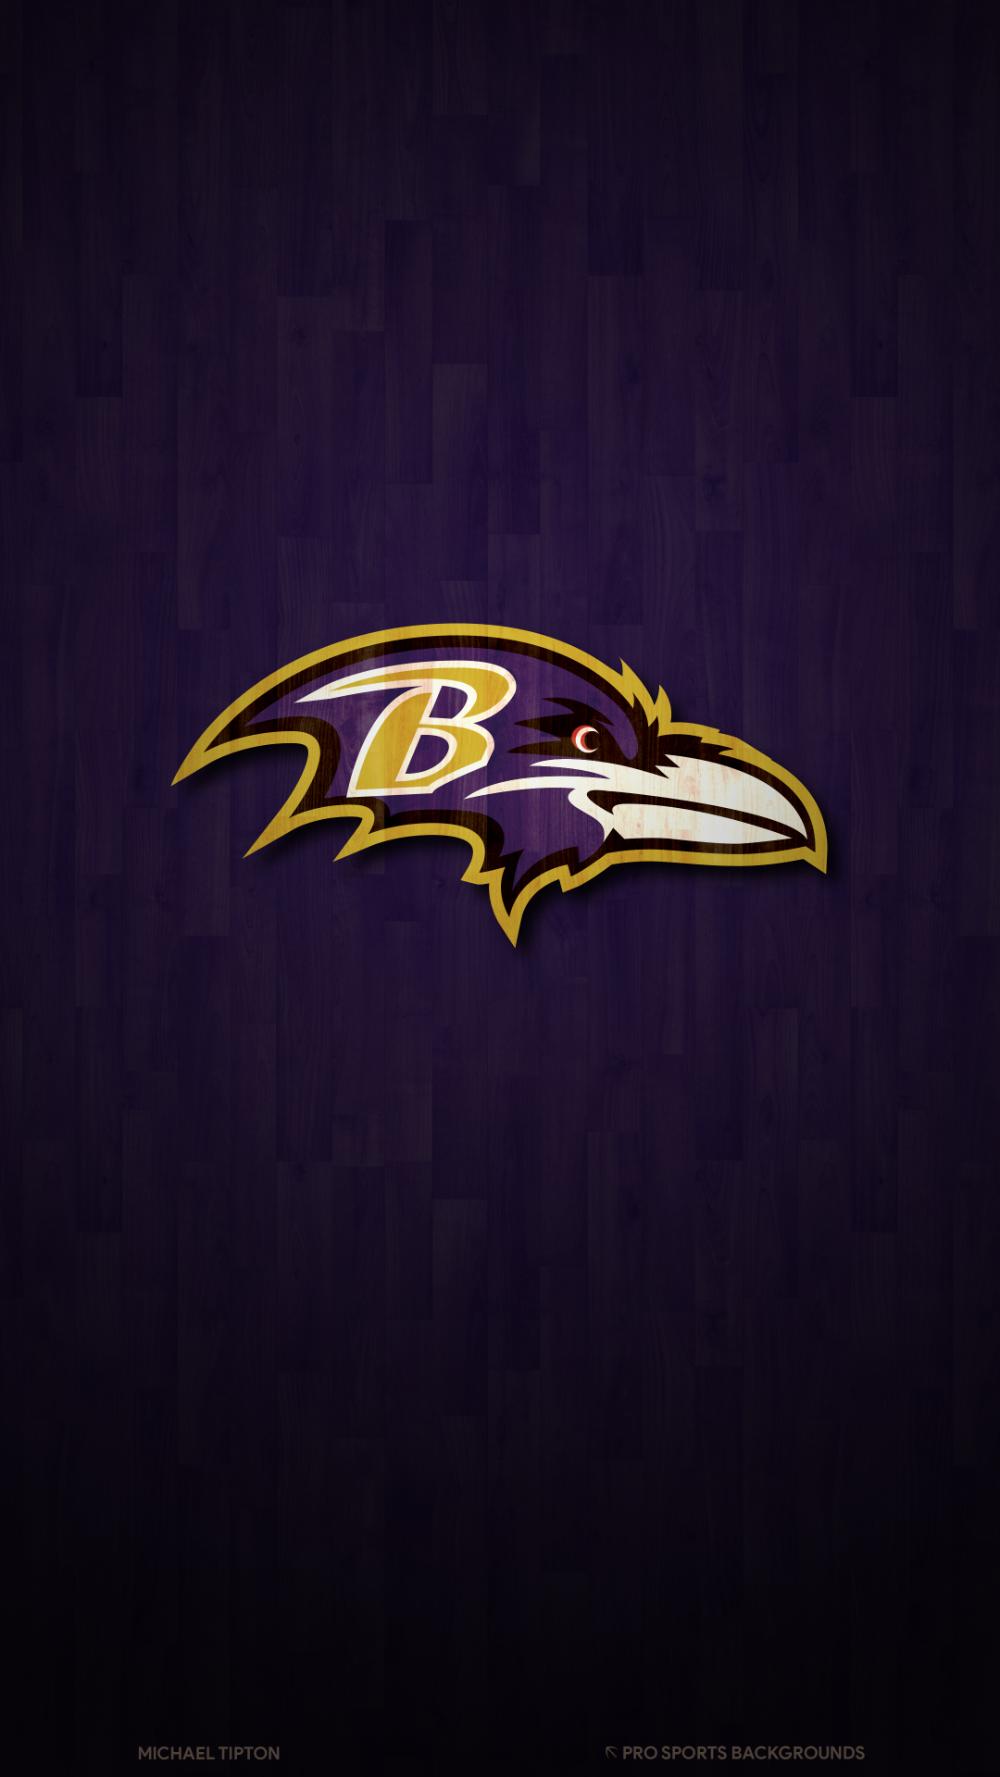 2019 Baltimore Ravens Wallpapers Baltimore ravens